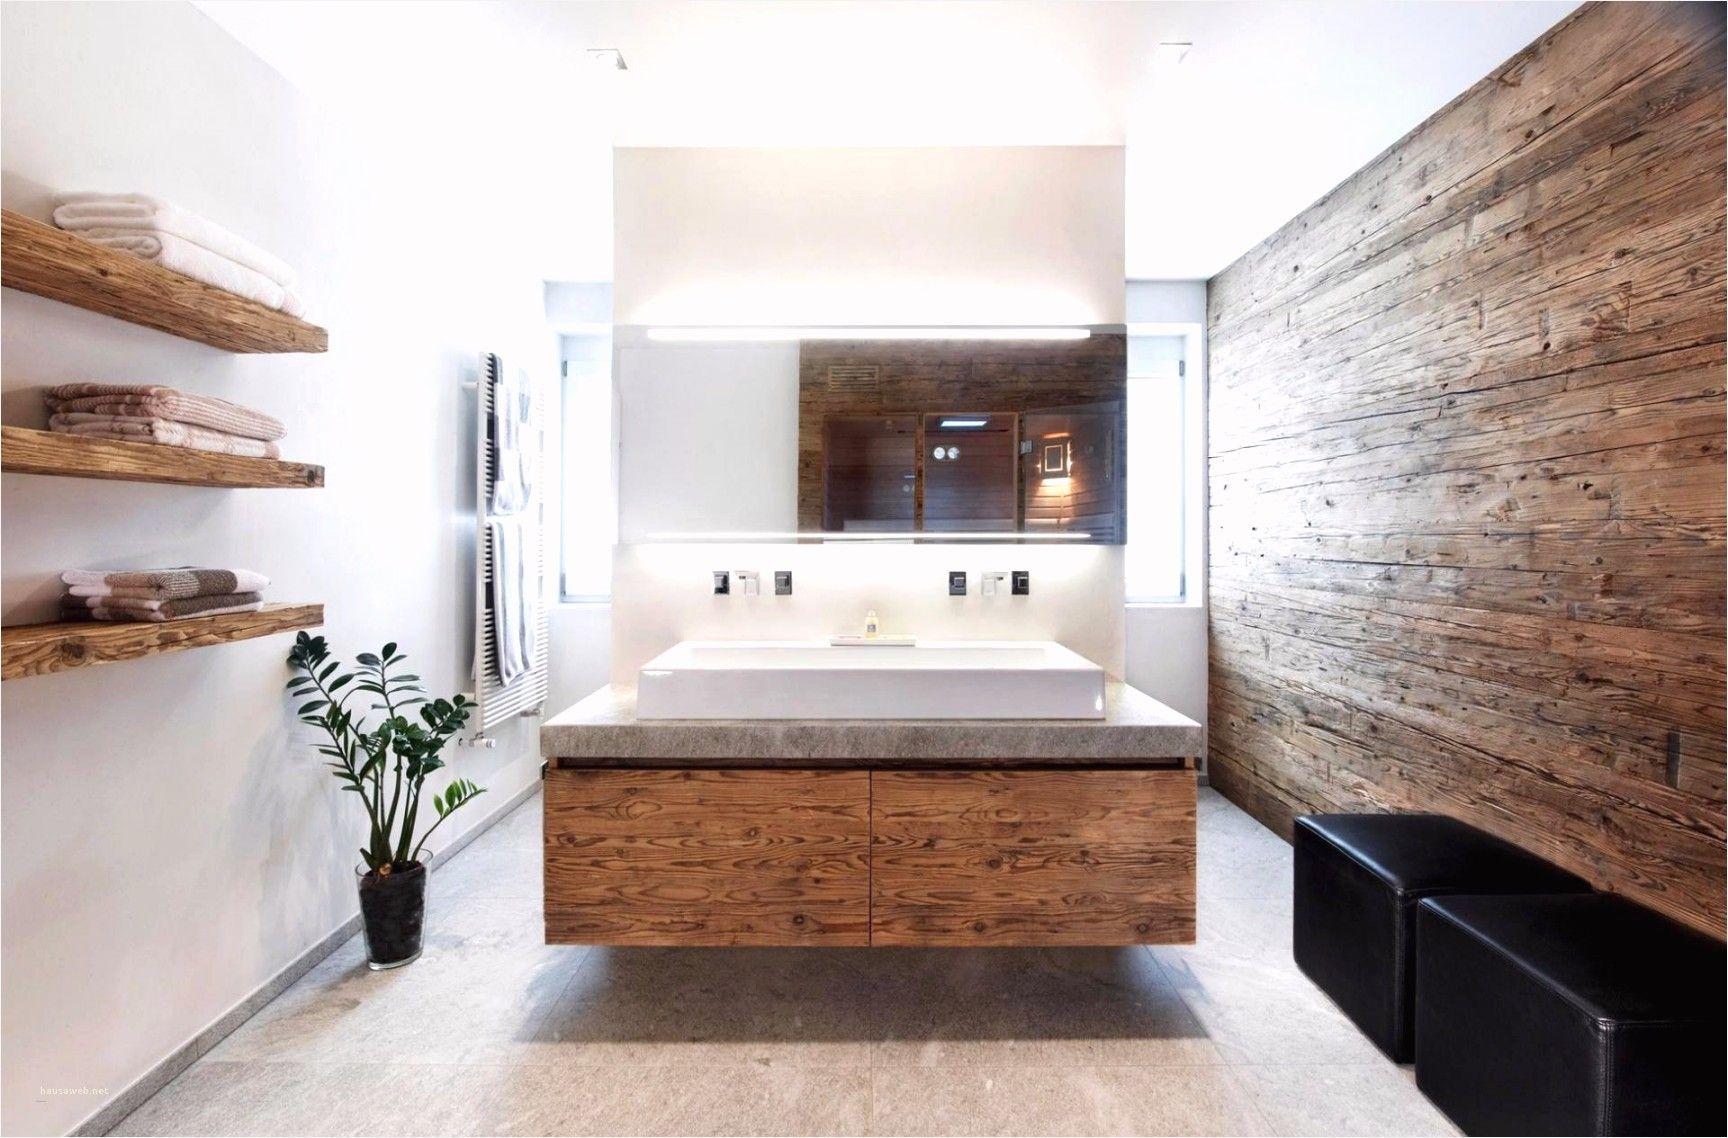 Elegant Badezimmer Holzboden Badezimmer Holz Badezimmer Holzboden Moderne Fliesen